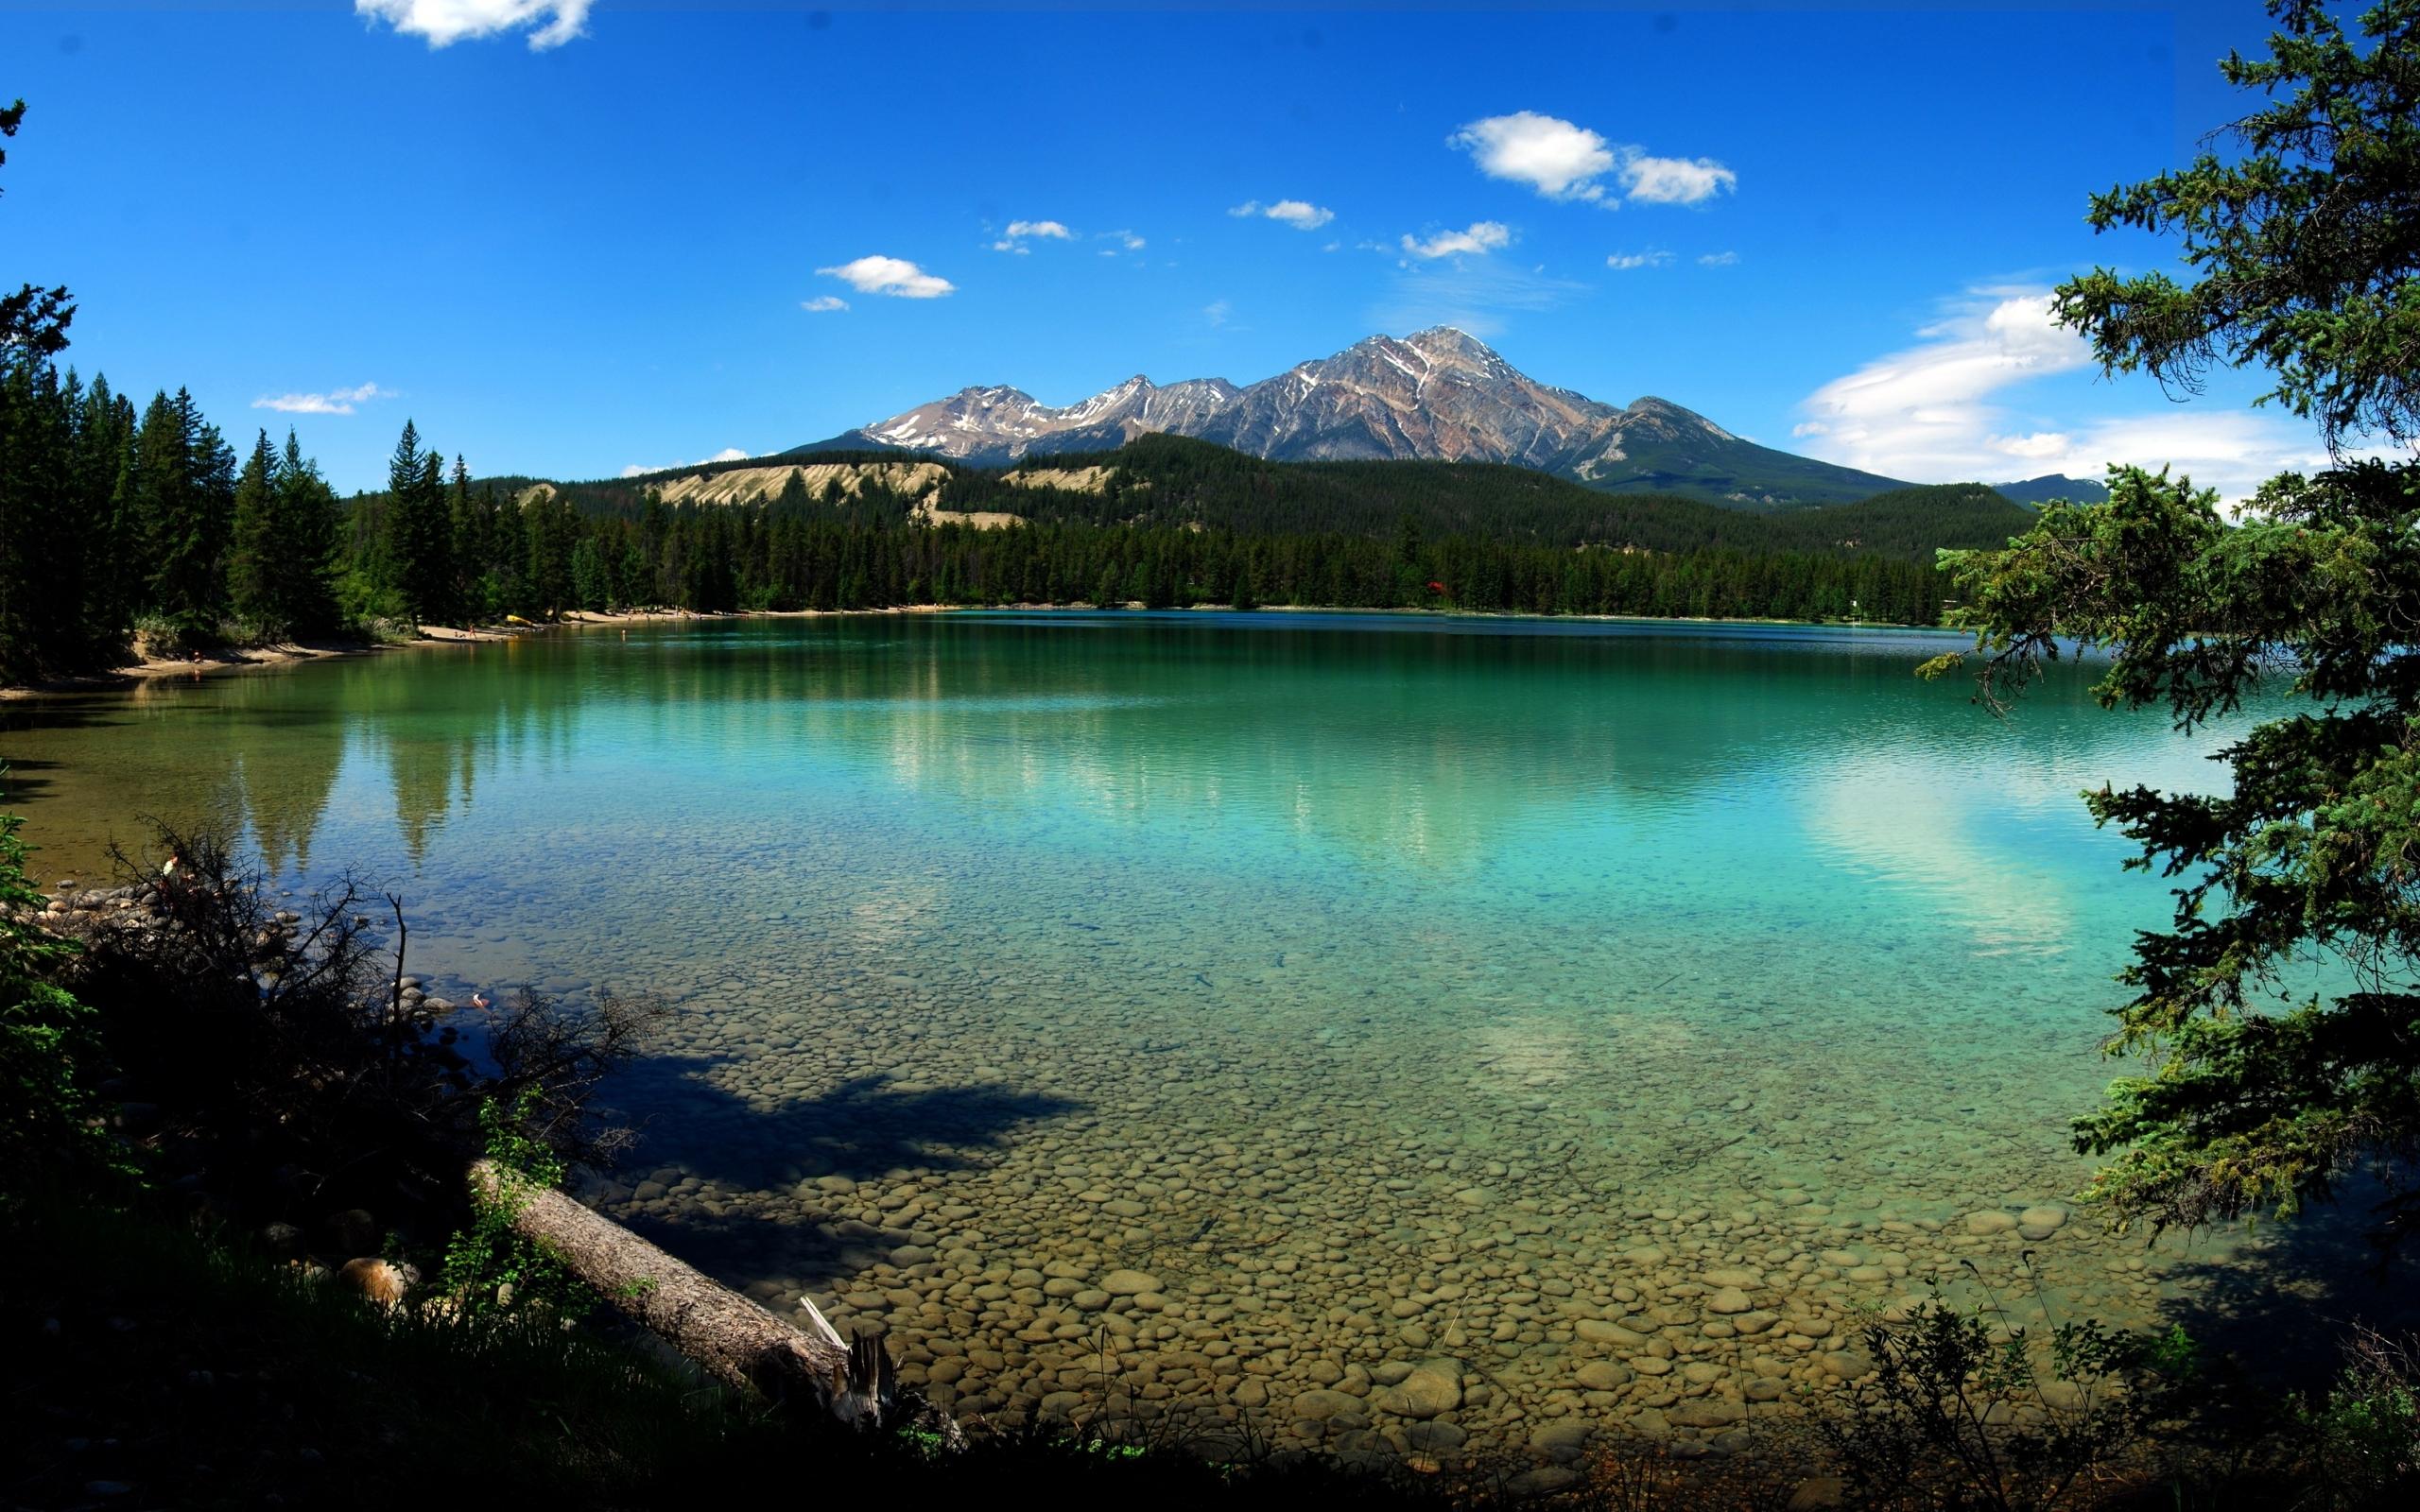 45953 Заставки и Обои Озера на телефон. Скачать Озера, Пейзаж, Природа, Горы картинки бесплатно